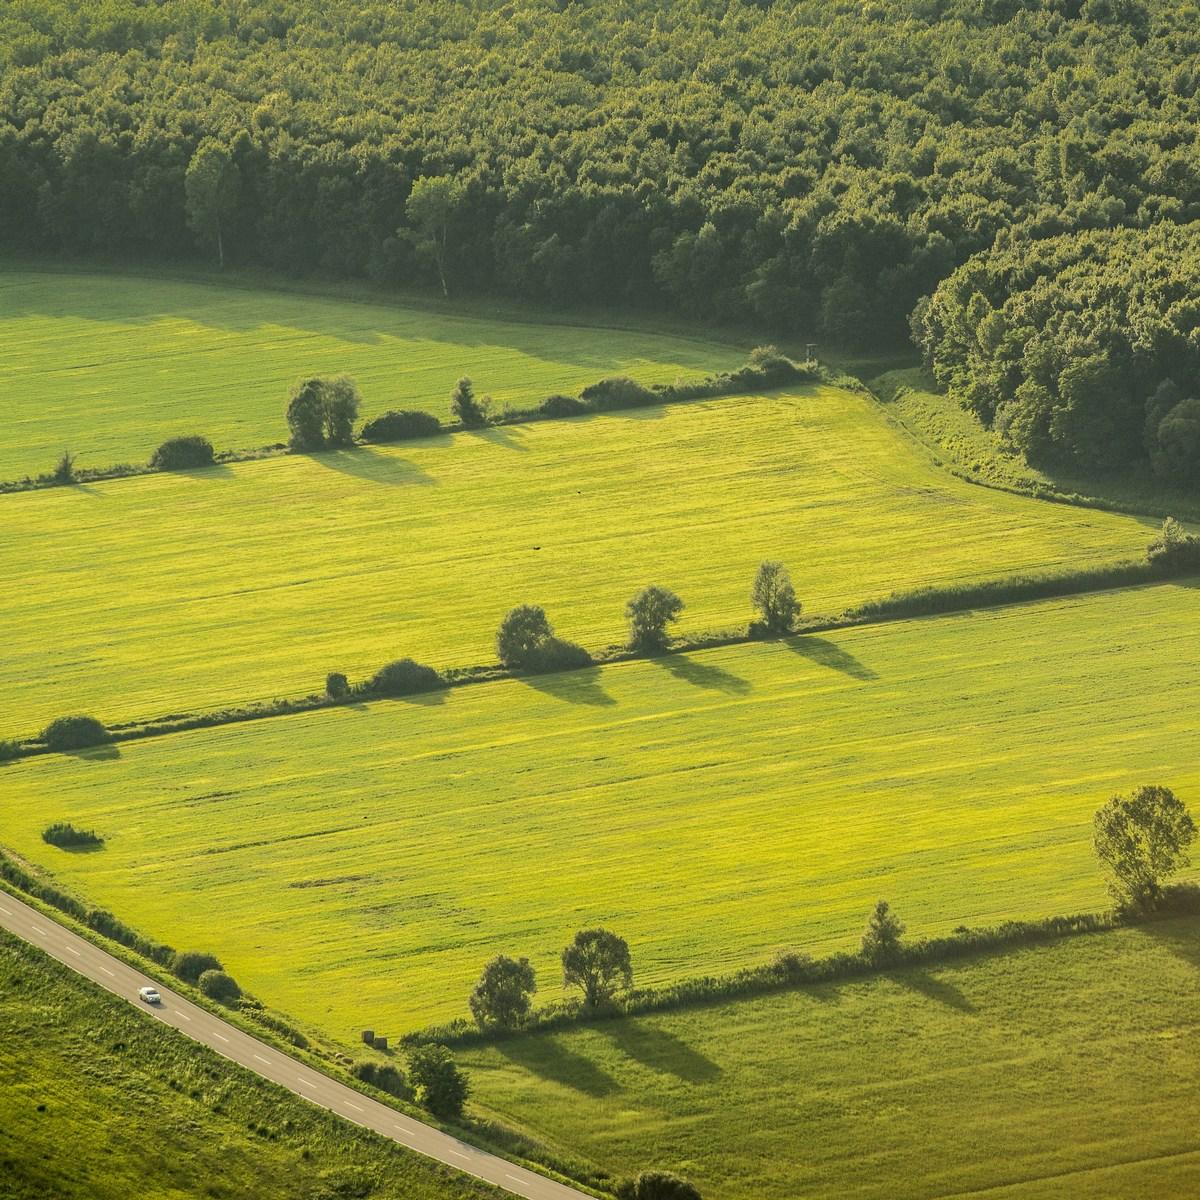 Zelena narava